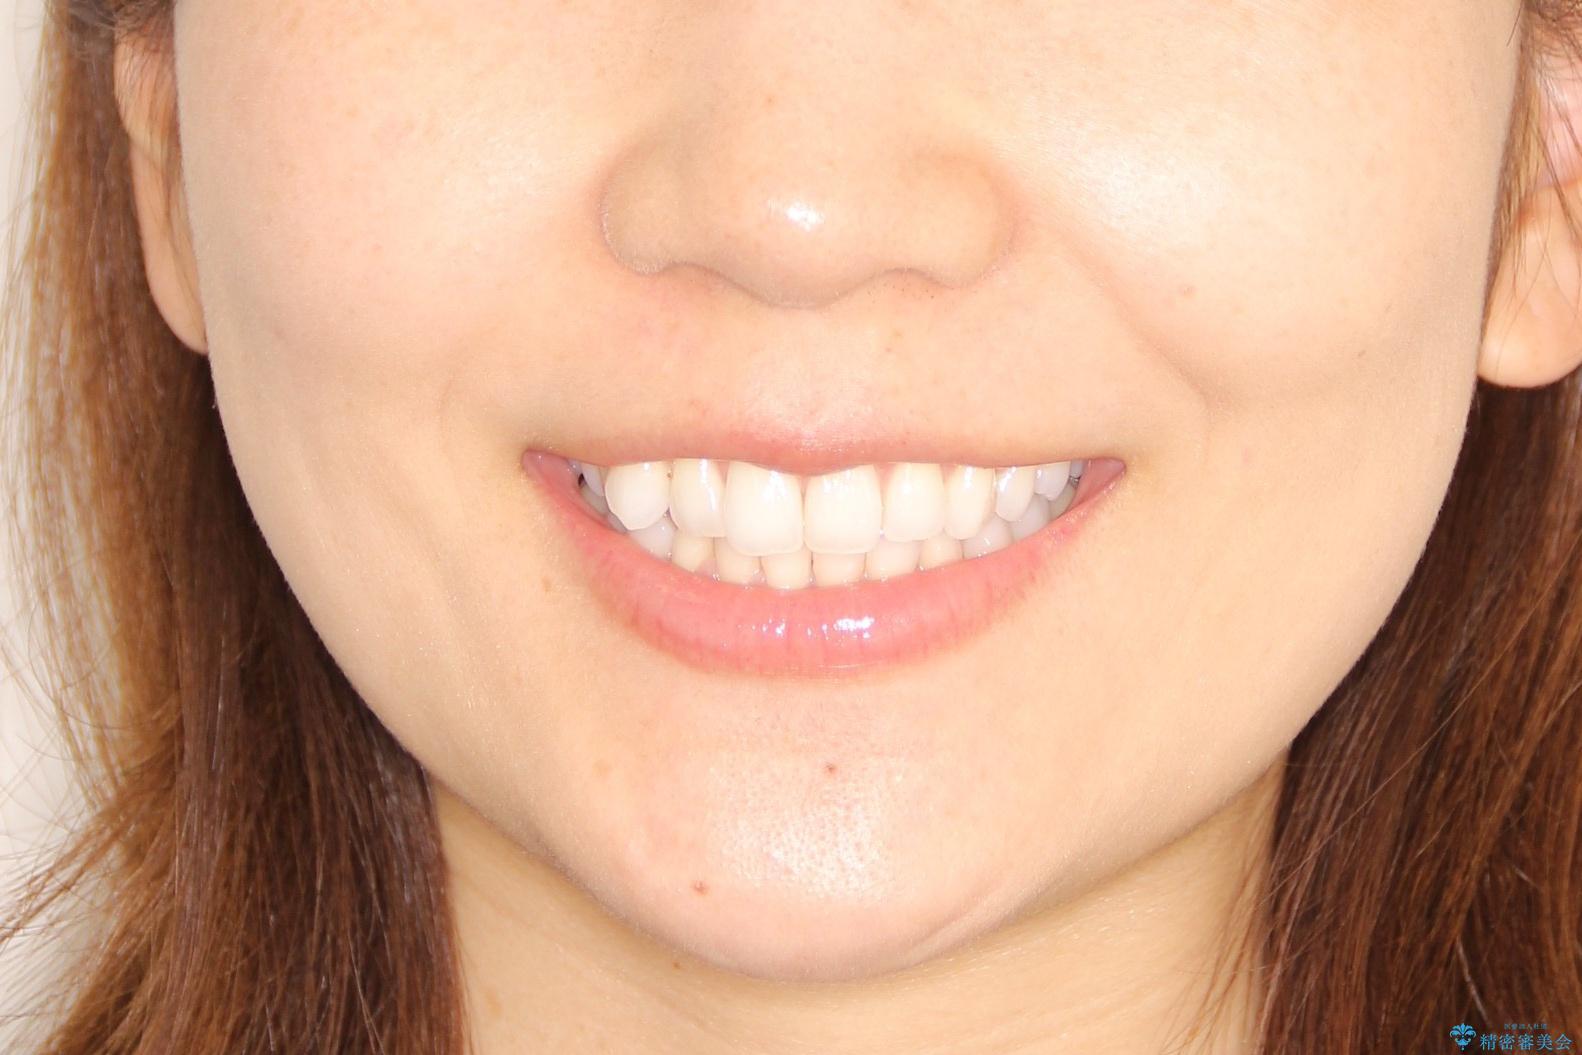 八重歯をマウスピース矯正で治療し、レーザーホワイトニングを行った症例の治療前(顔貌)